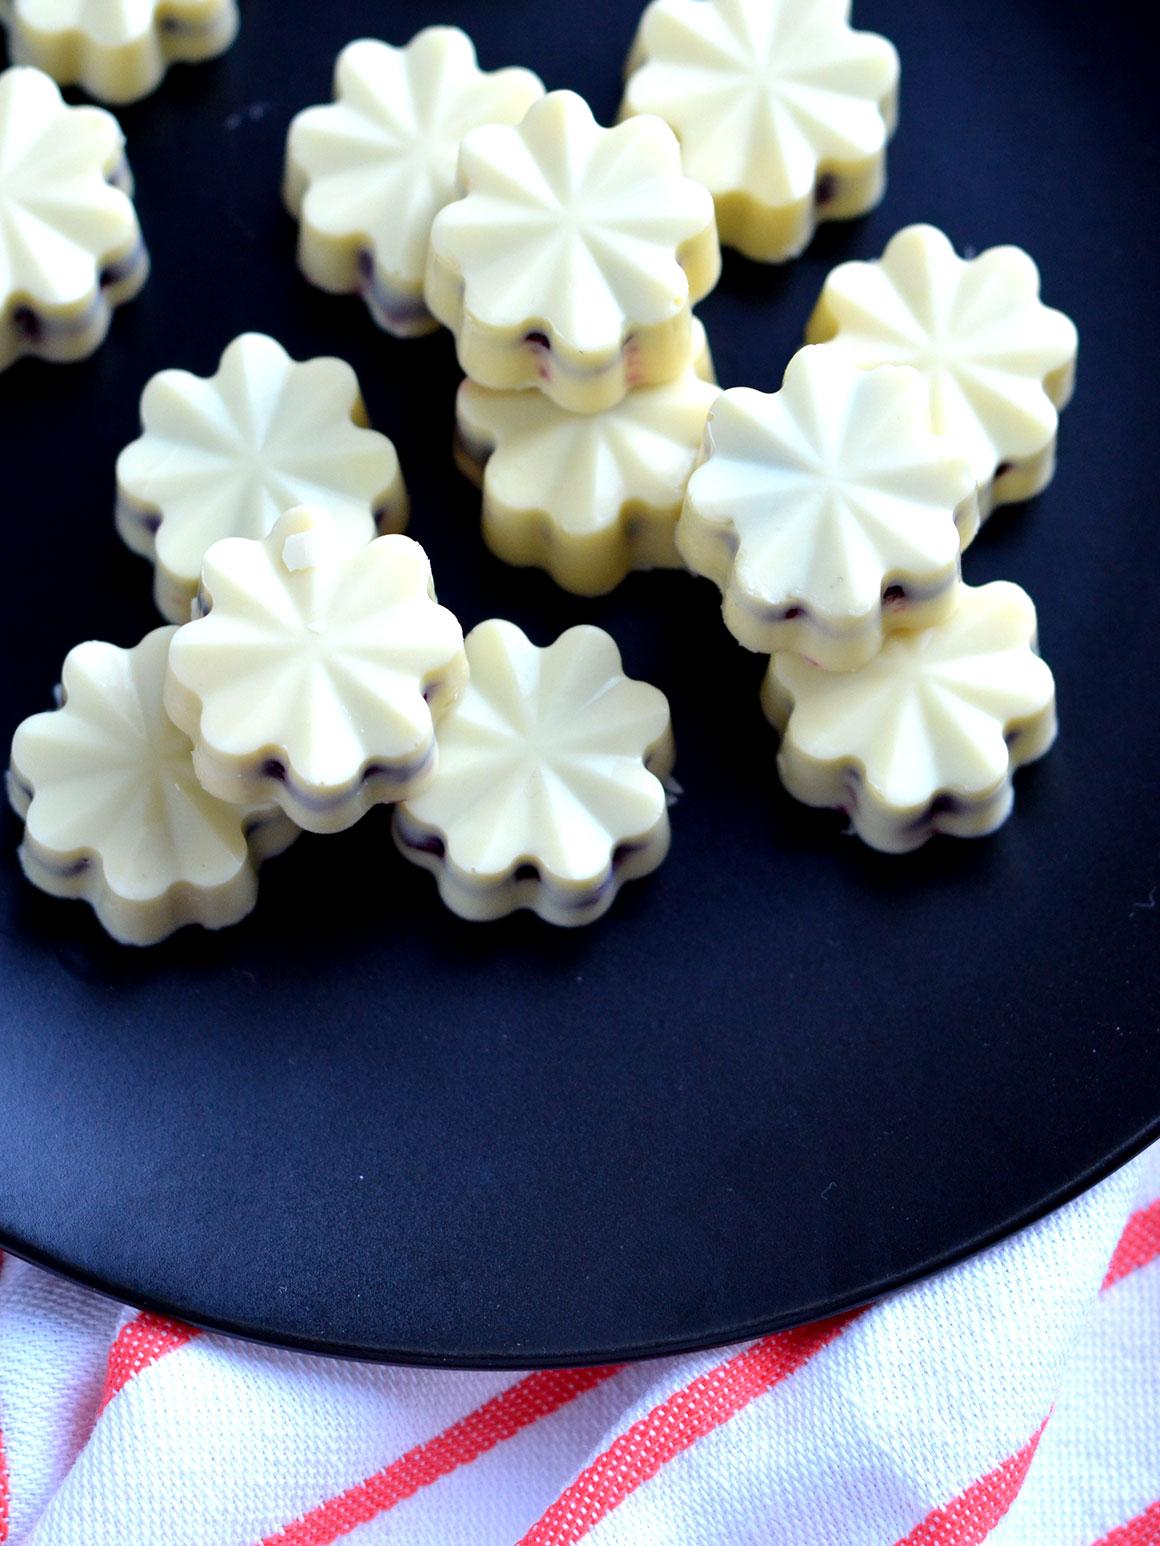 Witte chocolade bonbons met rood fruit